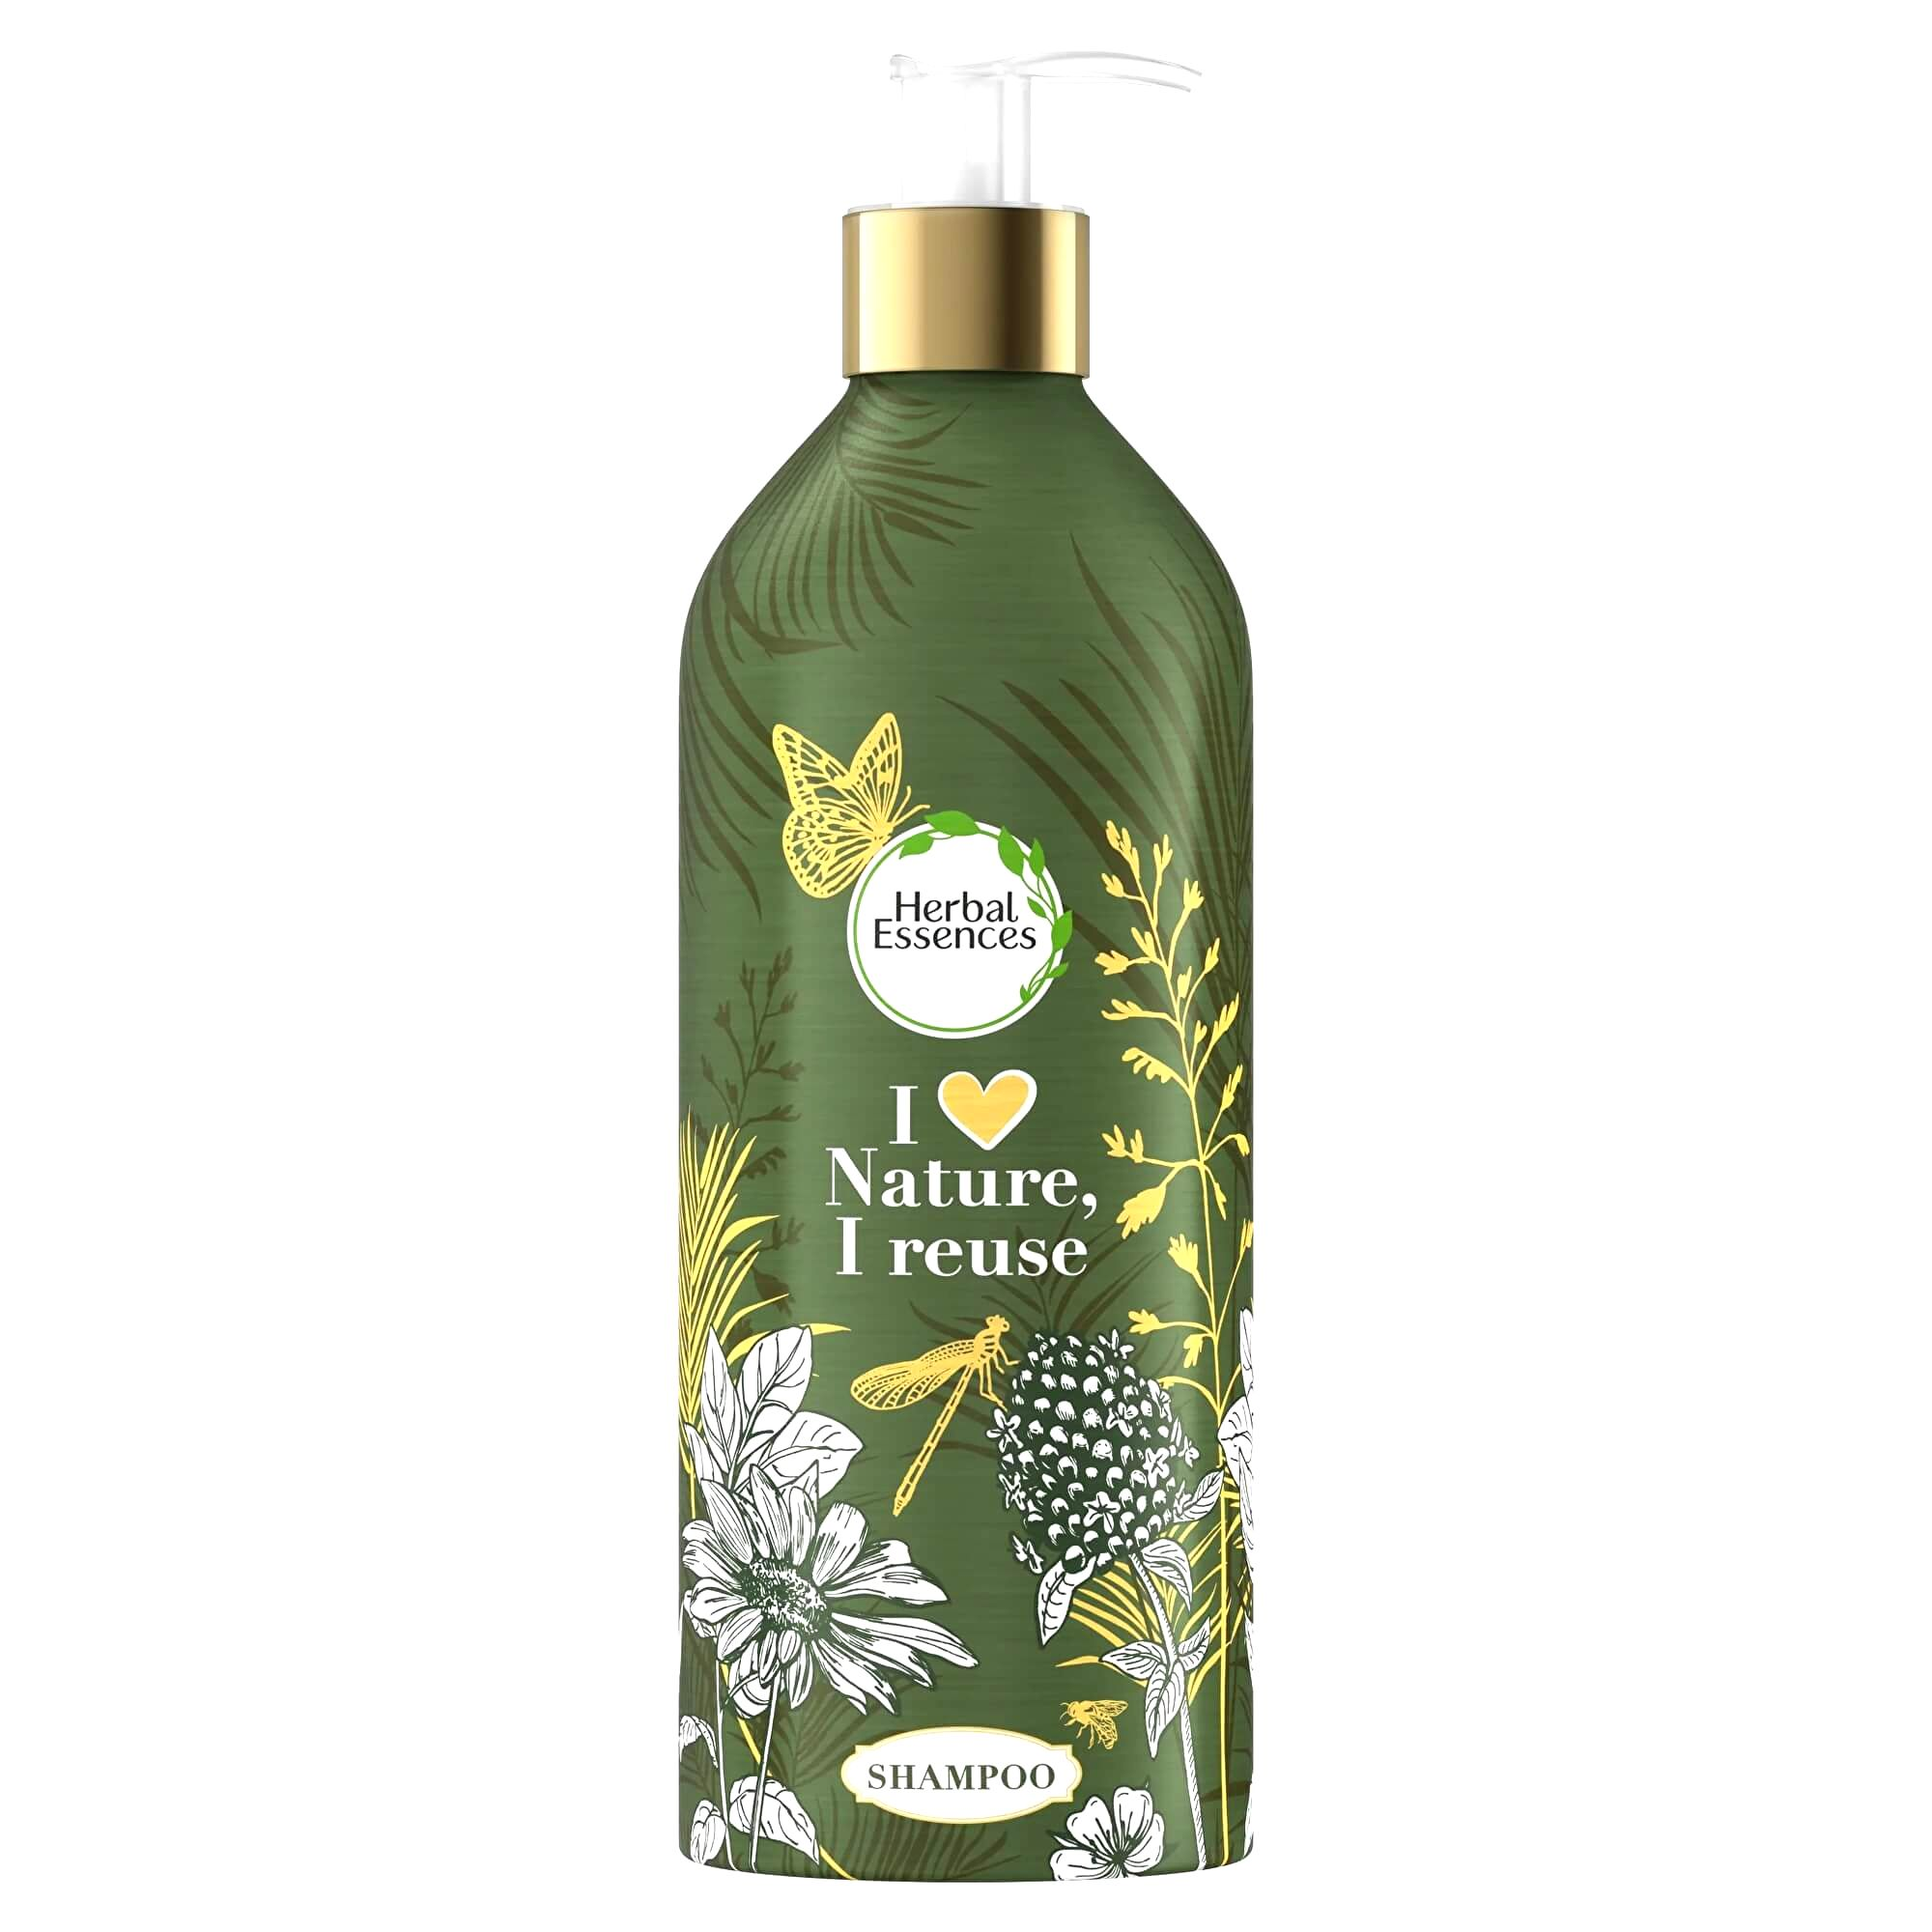 Herbal Essence Šampón pre suché a poškodené vlasy v naplniteľné fľaši Argan Oil (Shampoo)480 ml - náhradní náplň